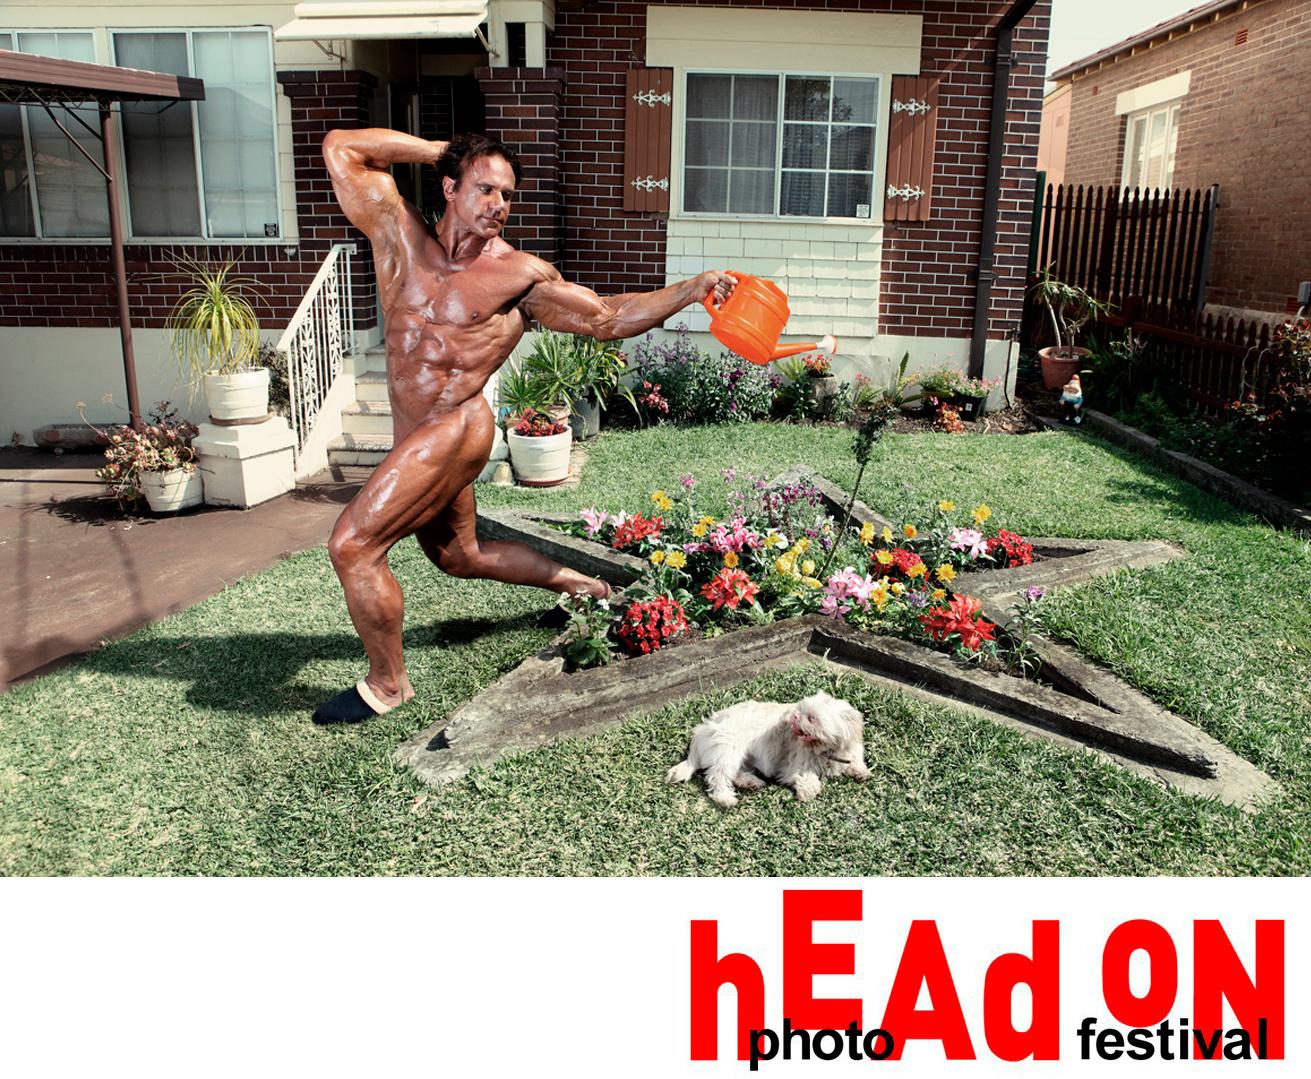 head on Mr universe.jpg